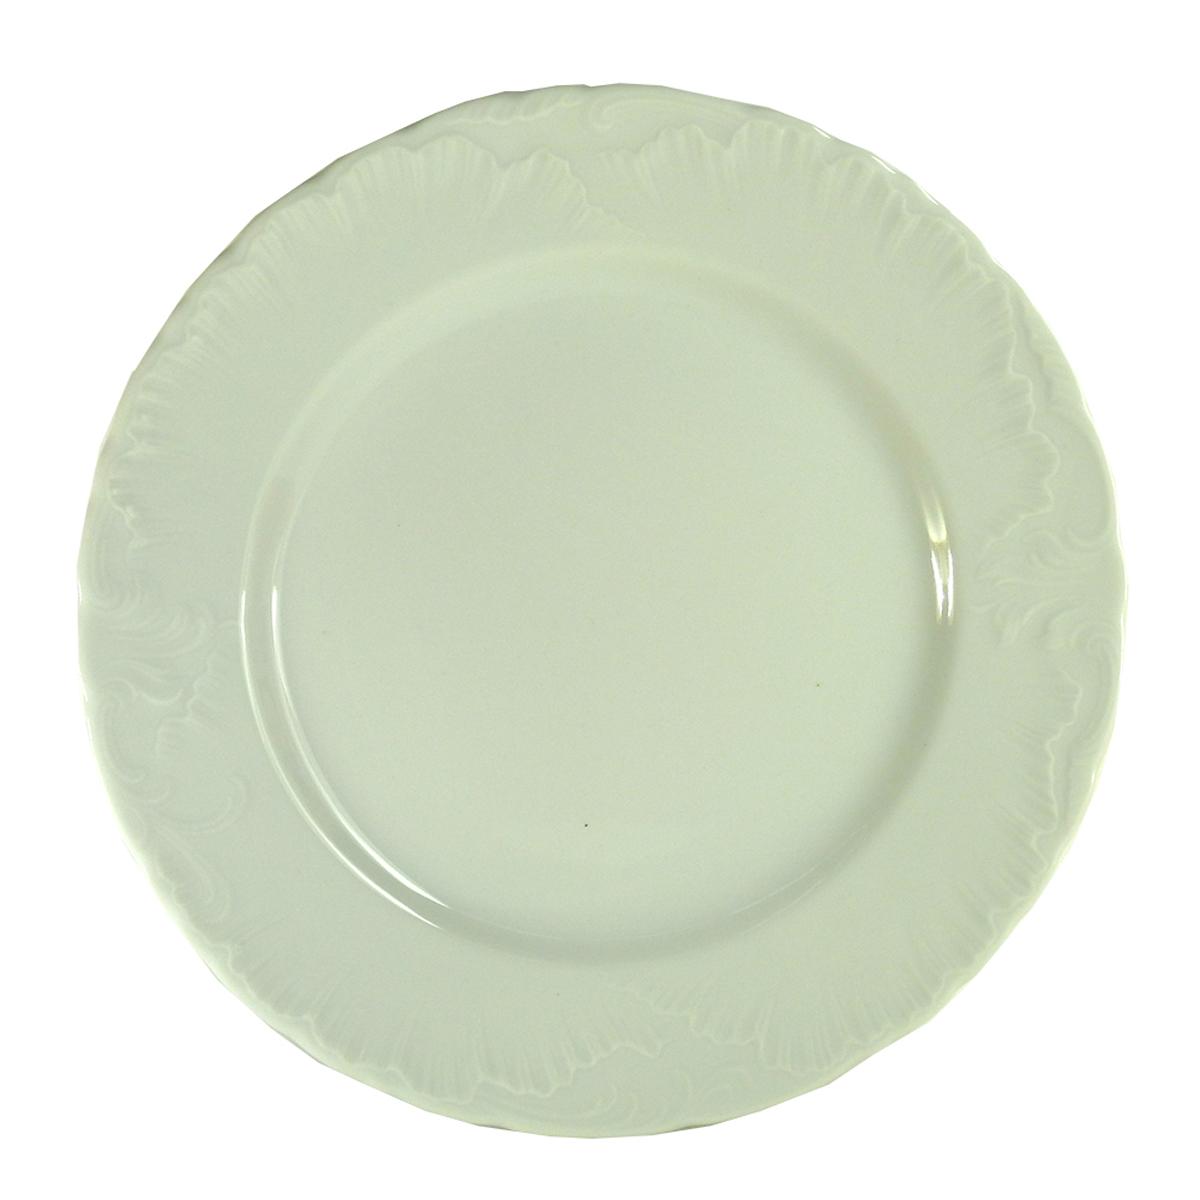 """Тарелка десертная Cmielow серии """"Rococo"""" - одна из старейших форм, производимых десятилетиями заводом """"Cmielow"""". Это пример """"исторической актуальности"""" заложенной в элегантную форму. Десертная тарелка 19 см. изготовлена из высококачественного польского фарфора."""